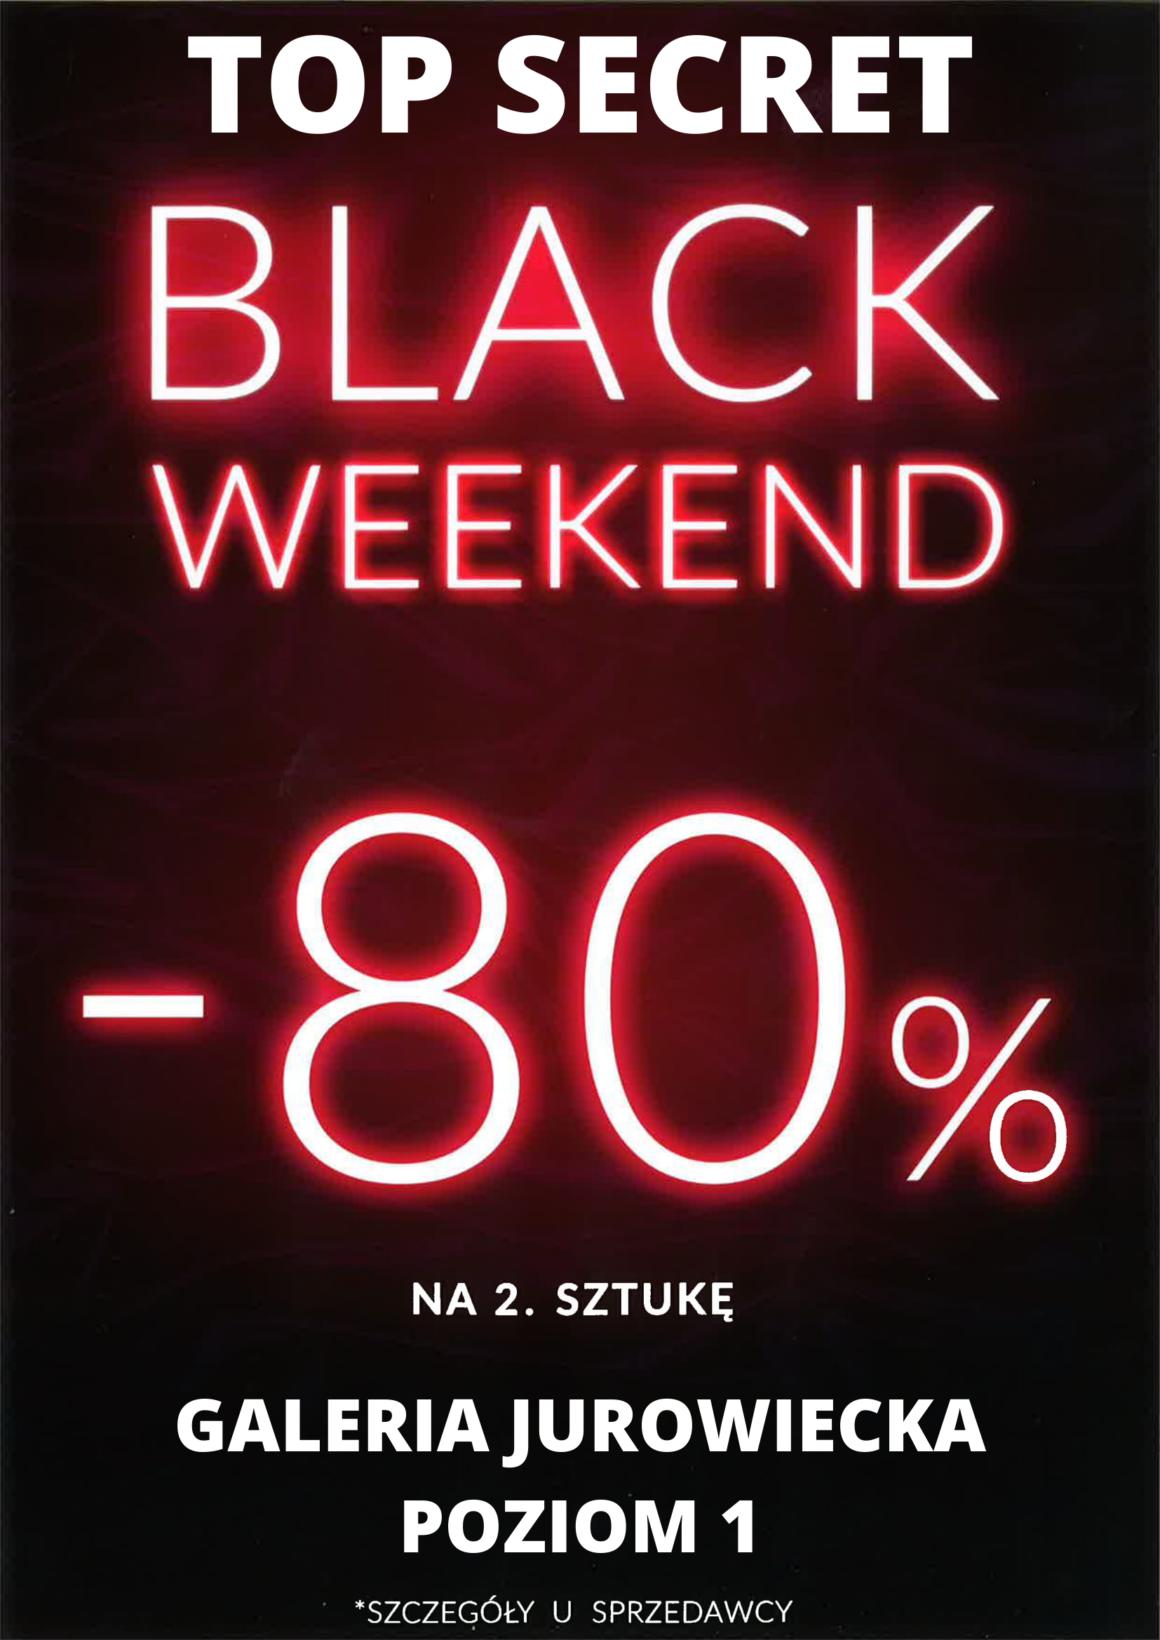 Black Weekend Top Secret